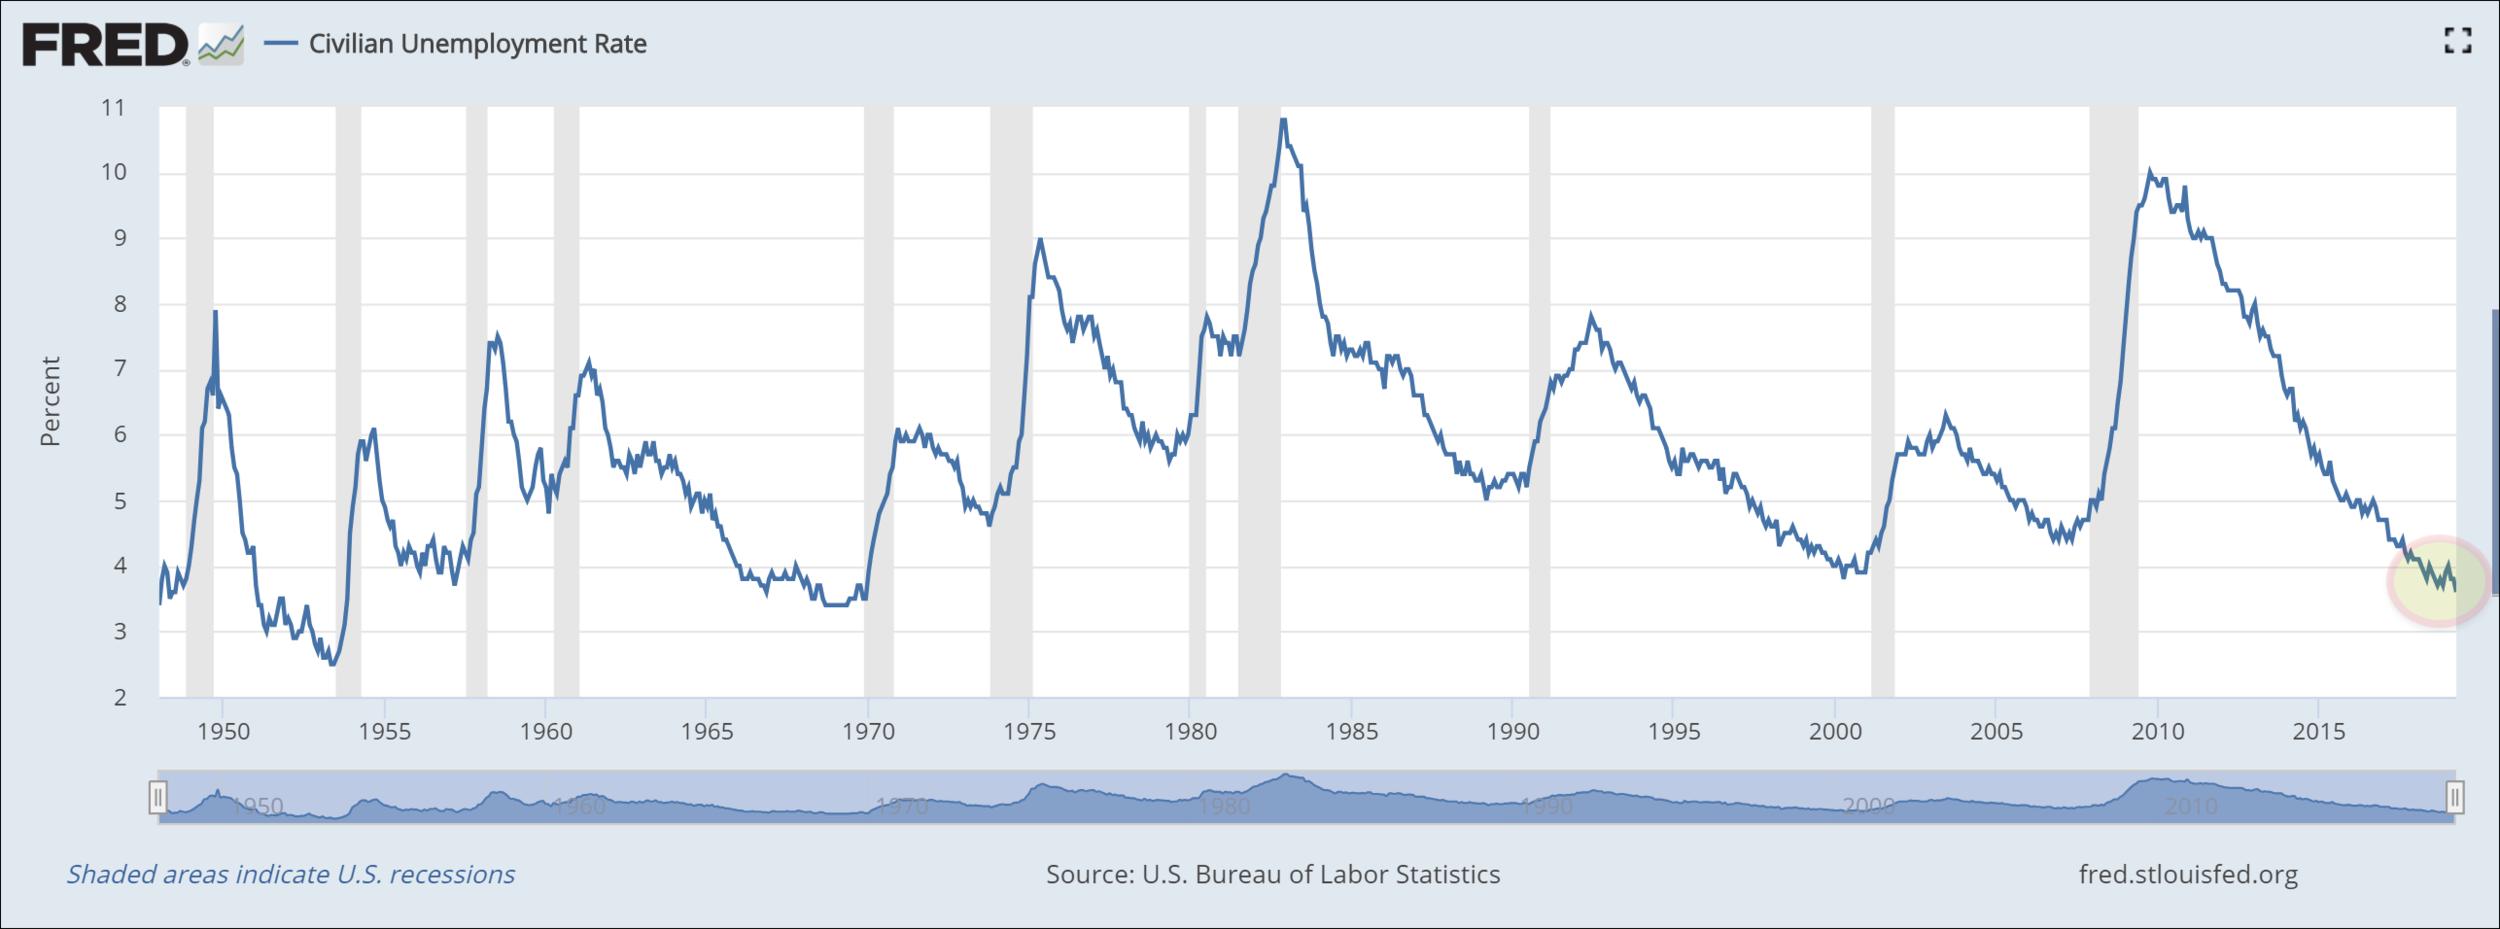 (source: U.S. Bureau of Labor Statistics)